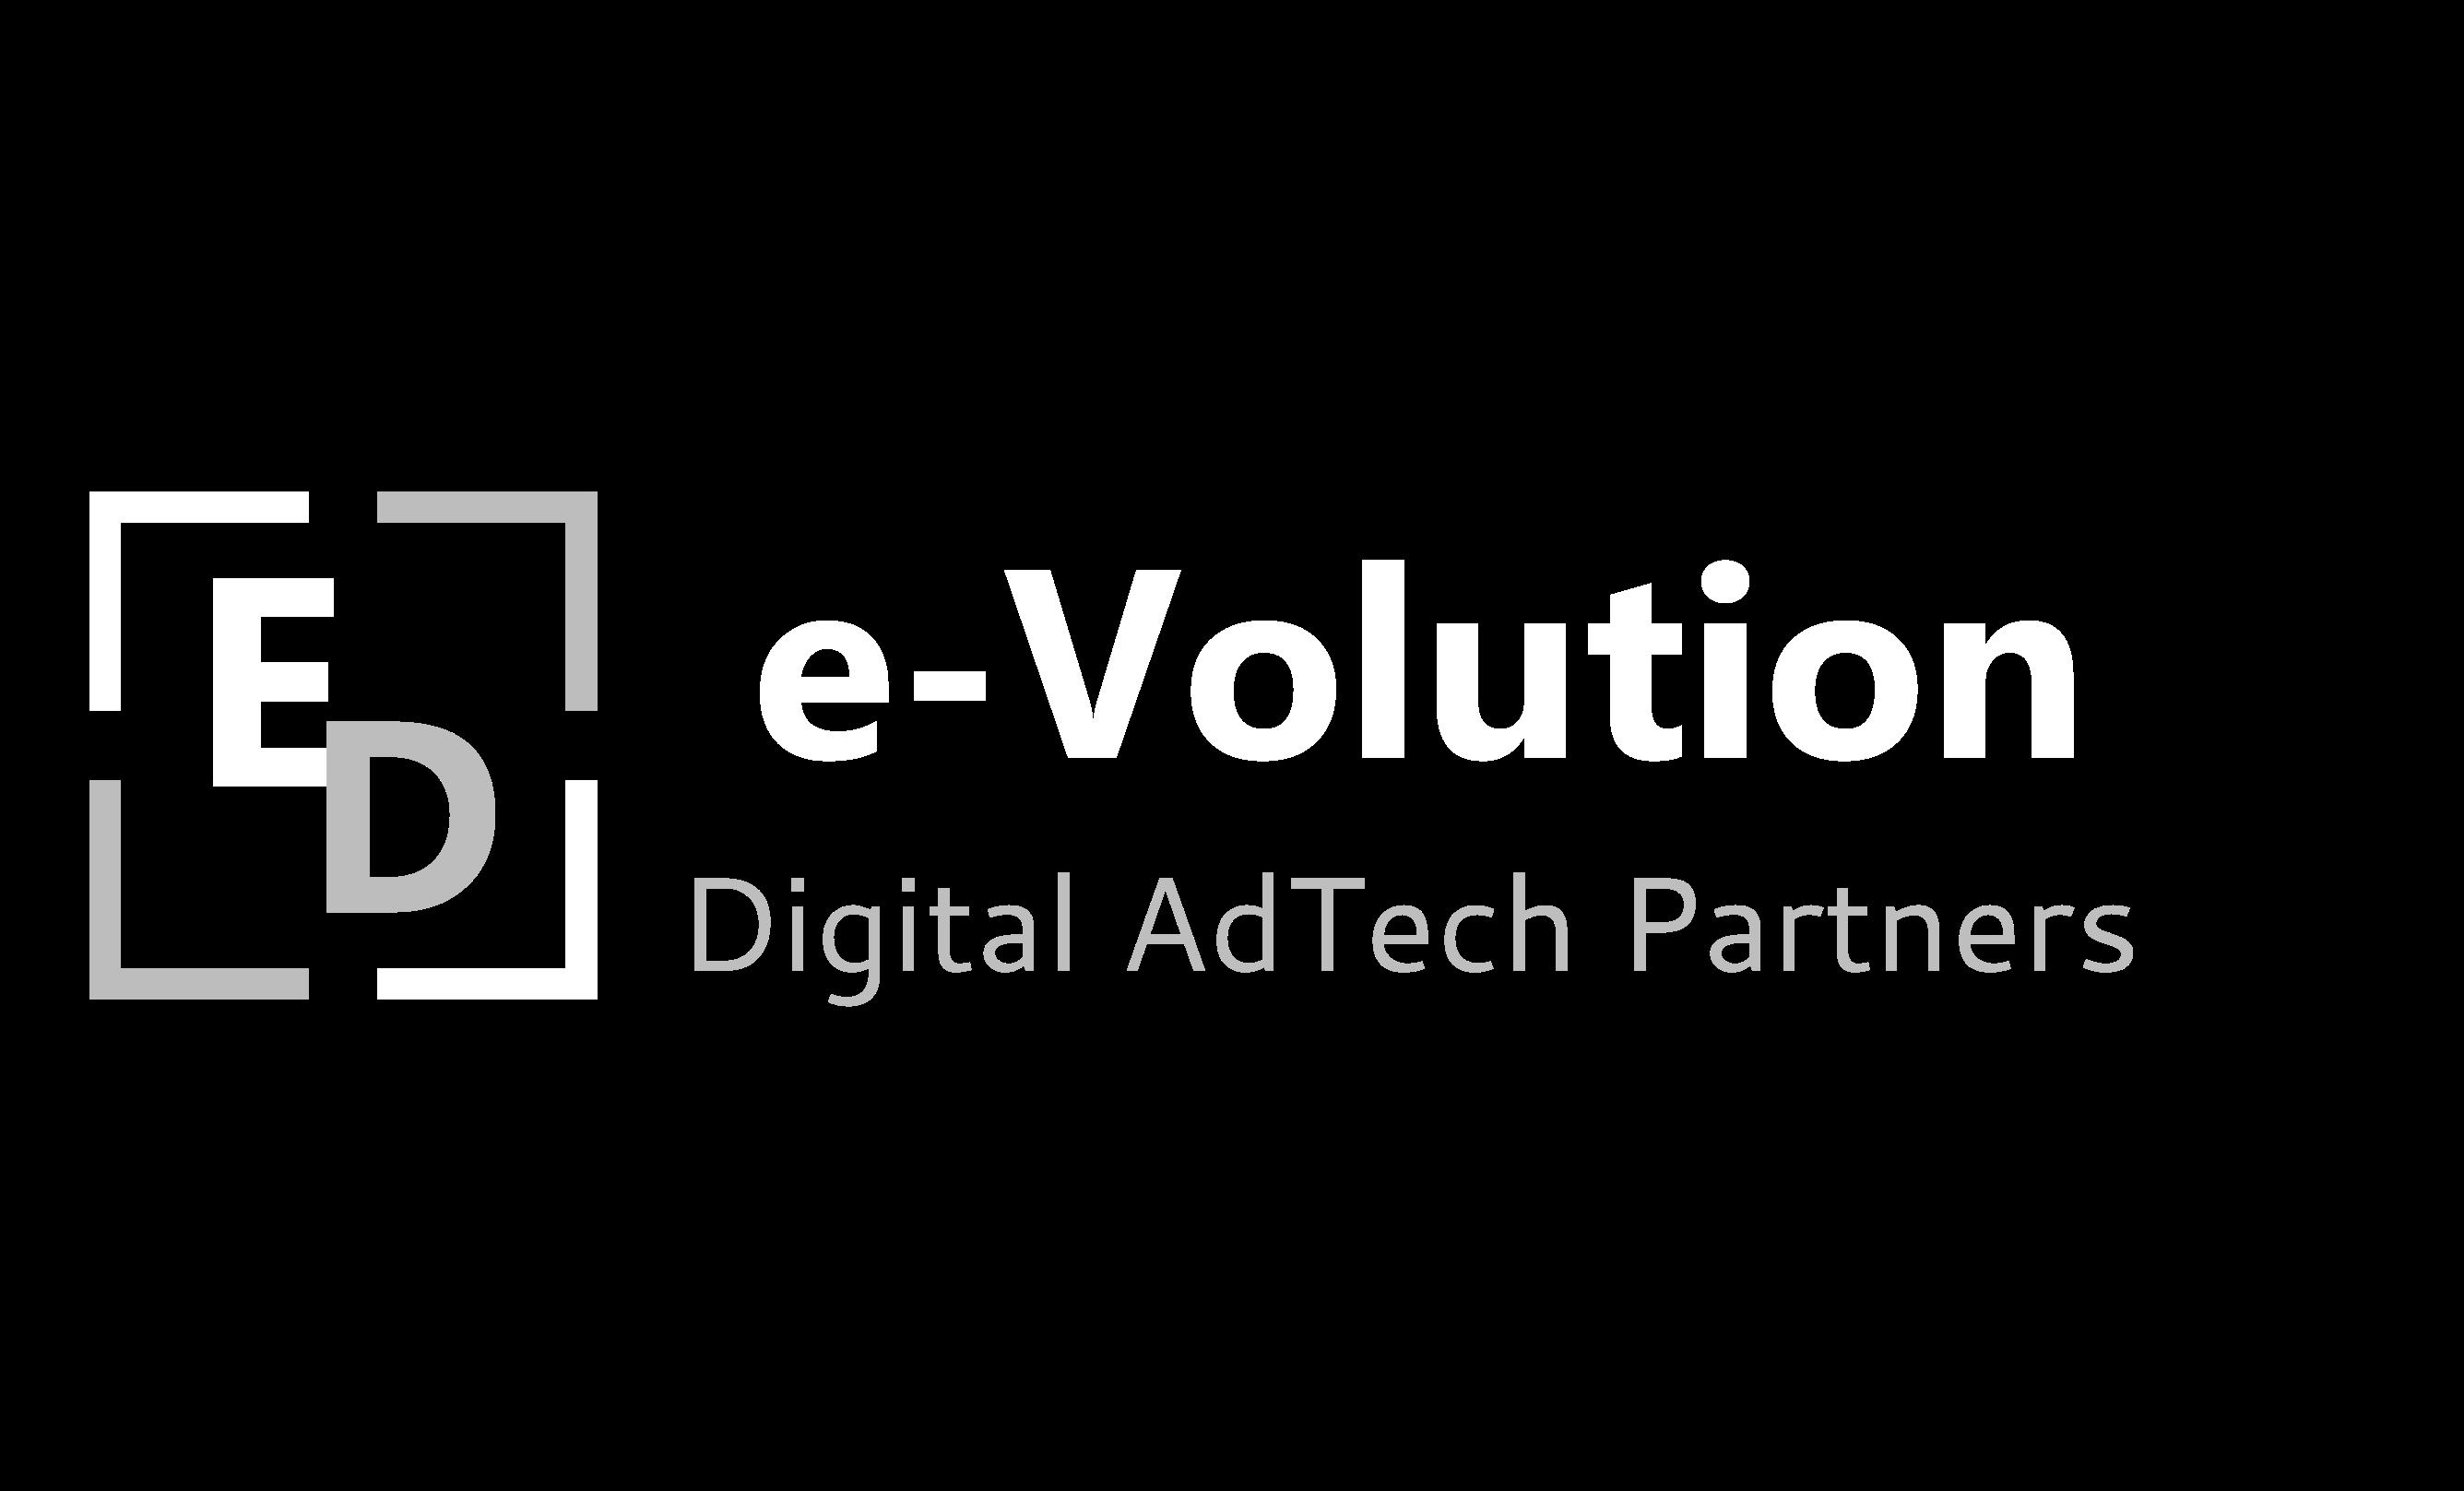 E – Volution